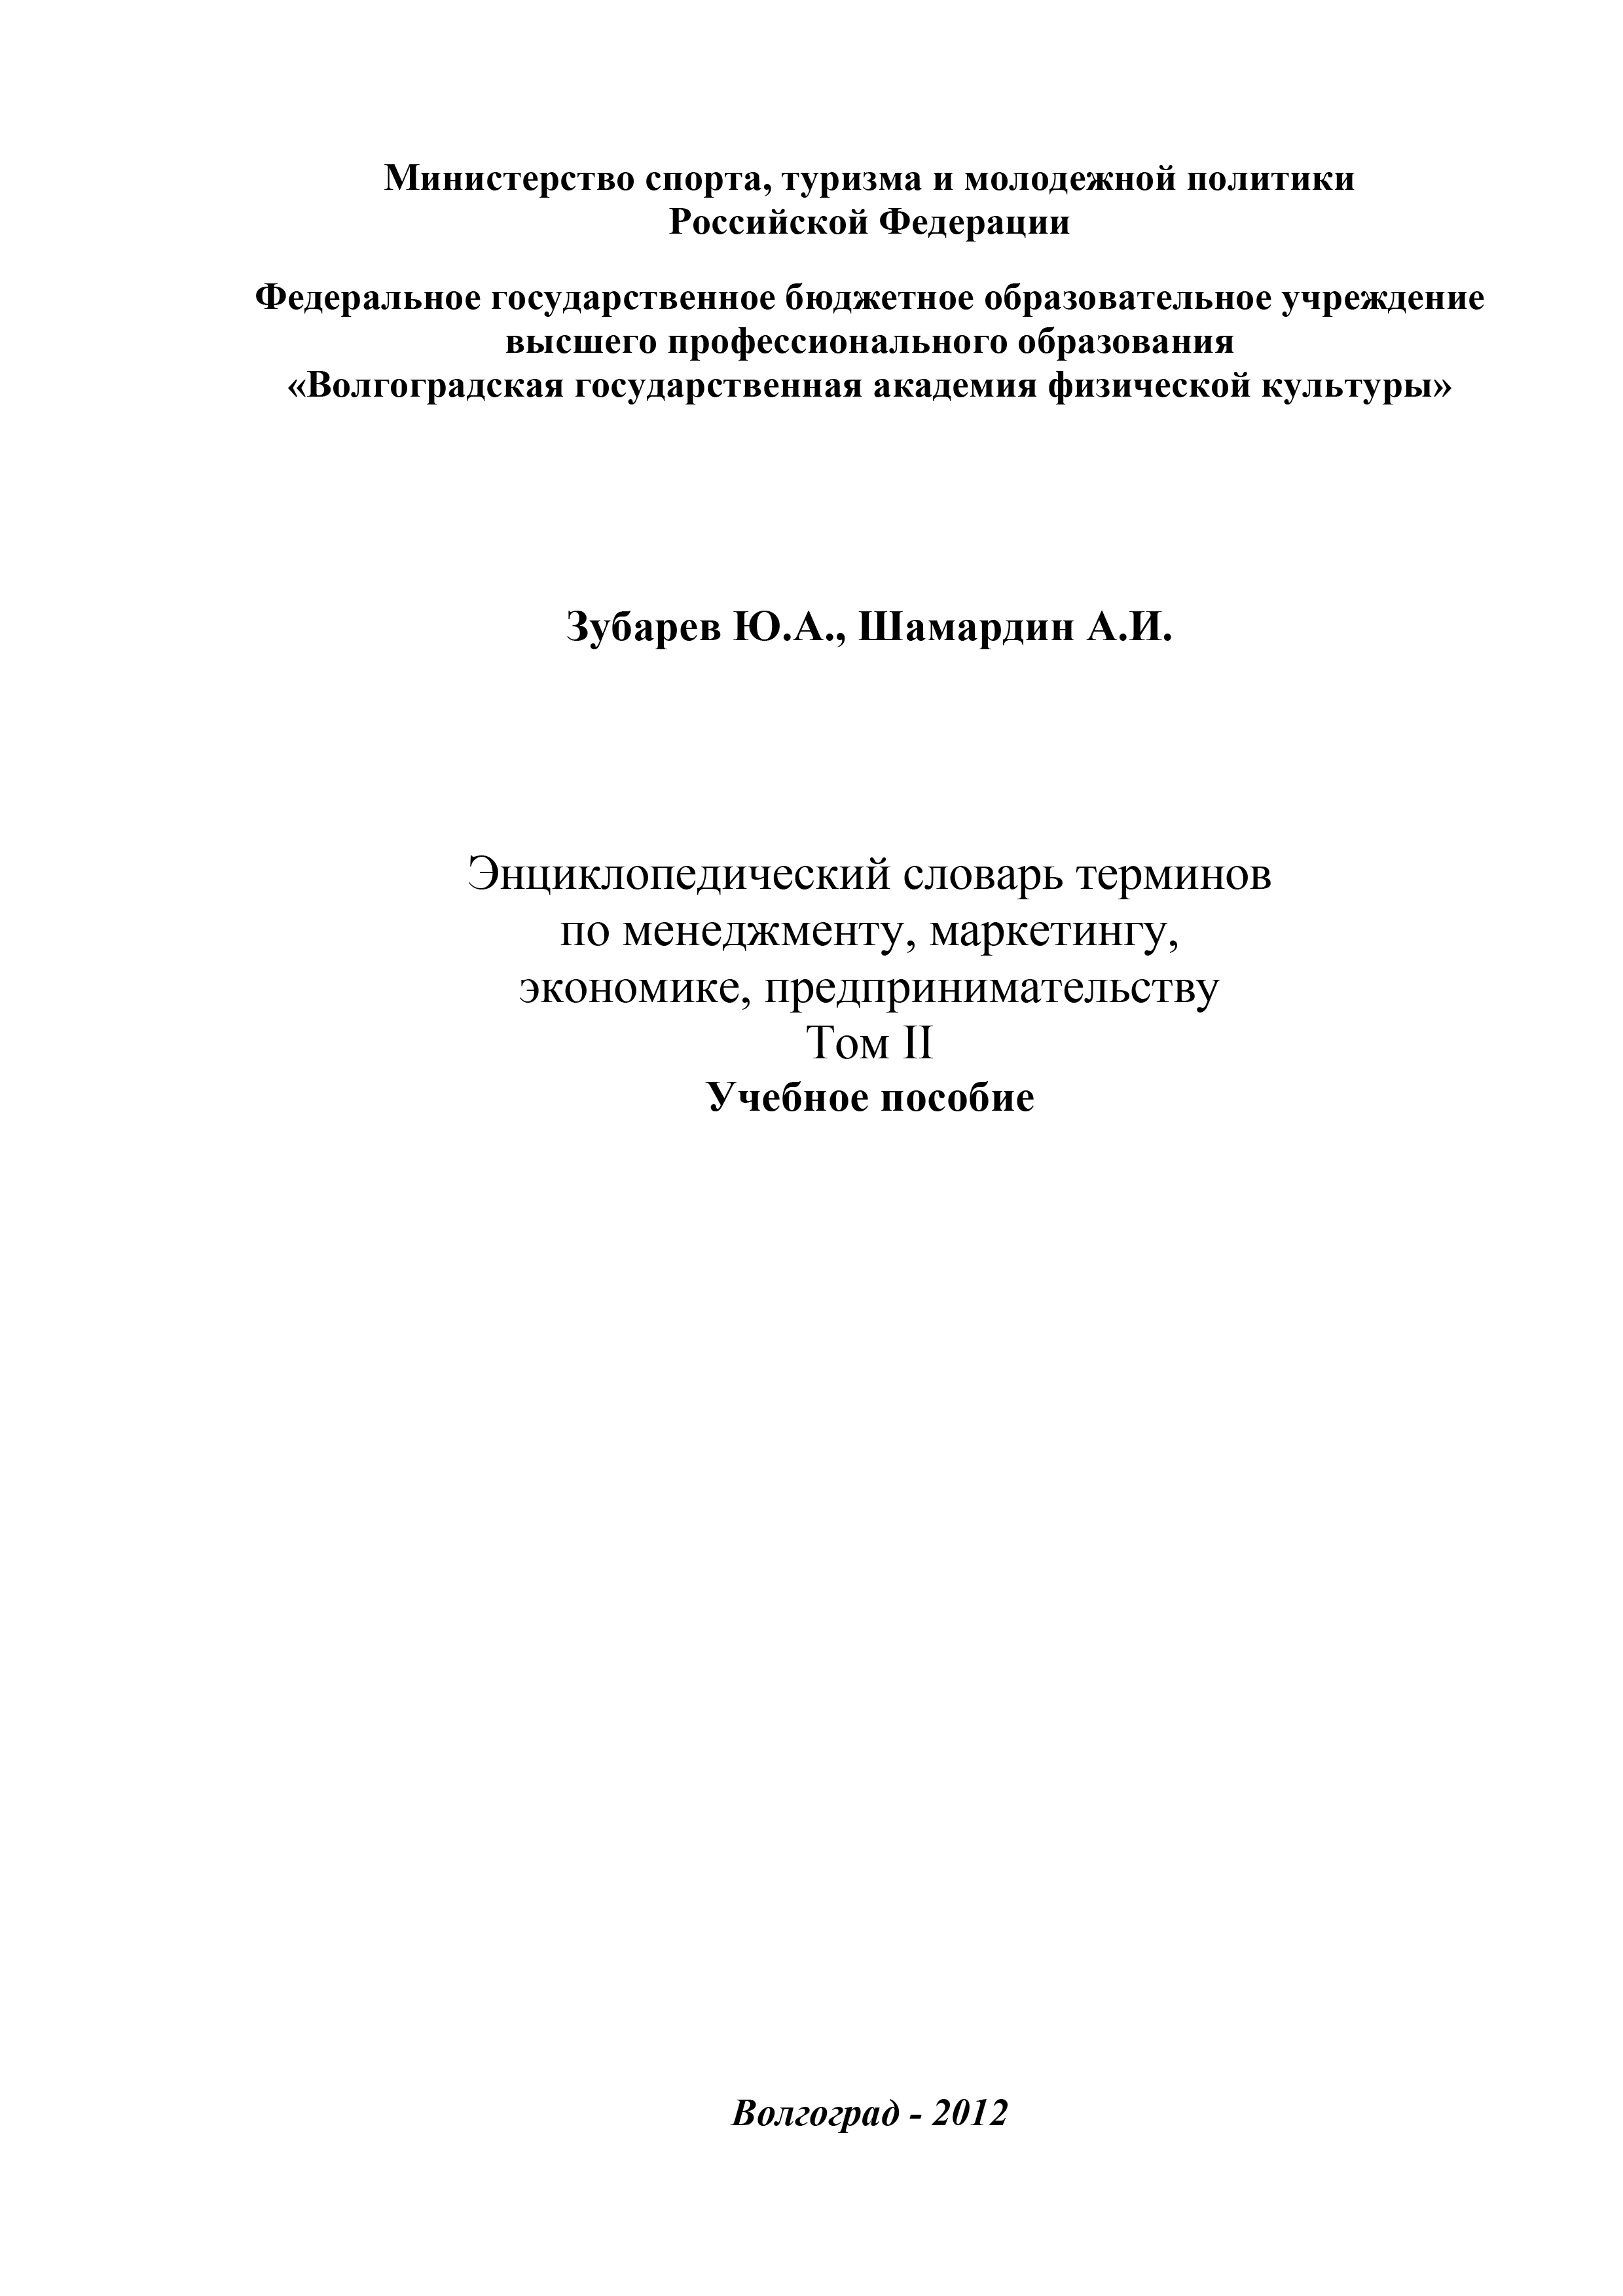 Энциклопедический словарь терминов по менеджменту, маркетингу, экономике, предпринимательству. Том II